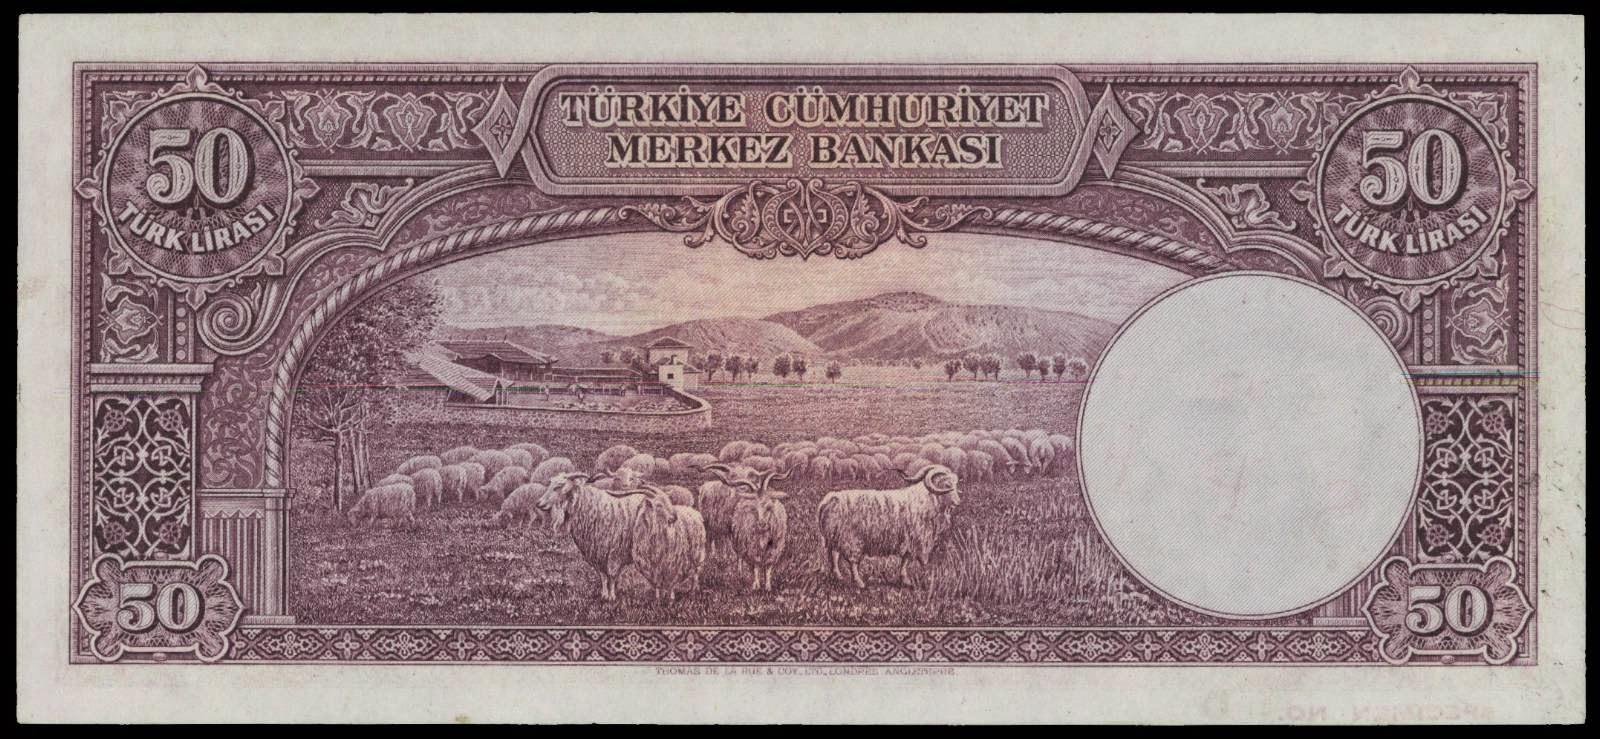 Turkish Lira banknotes 50 Turkish Lirasi banknote 1930